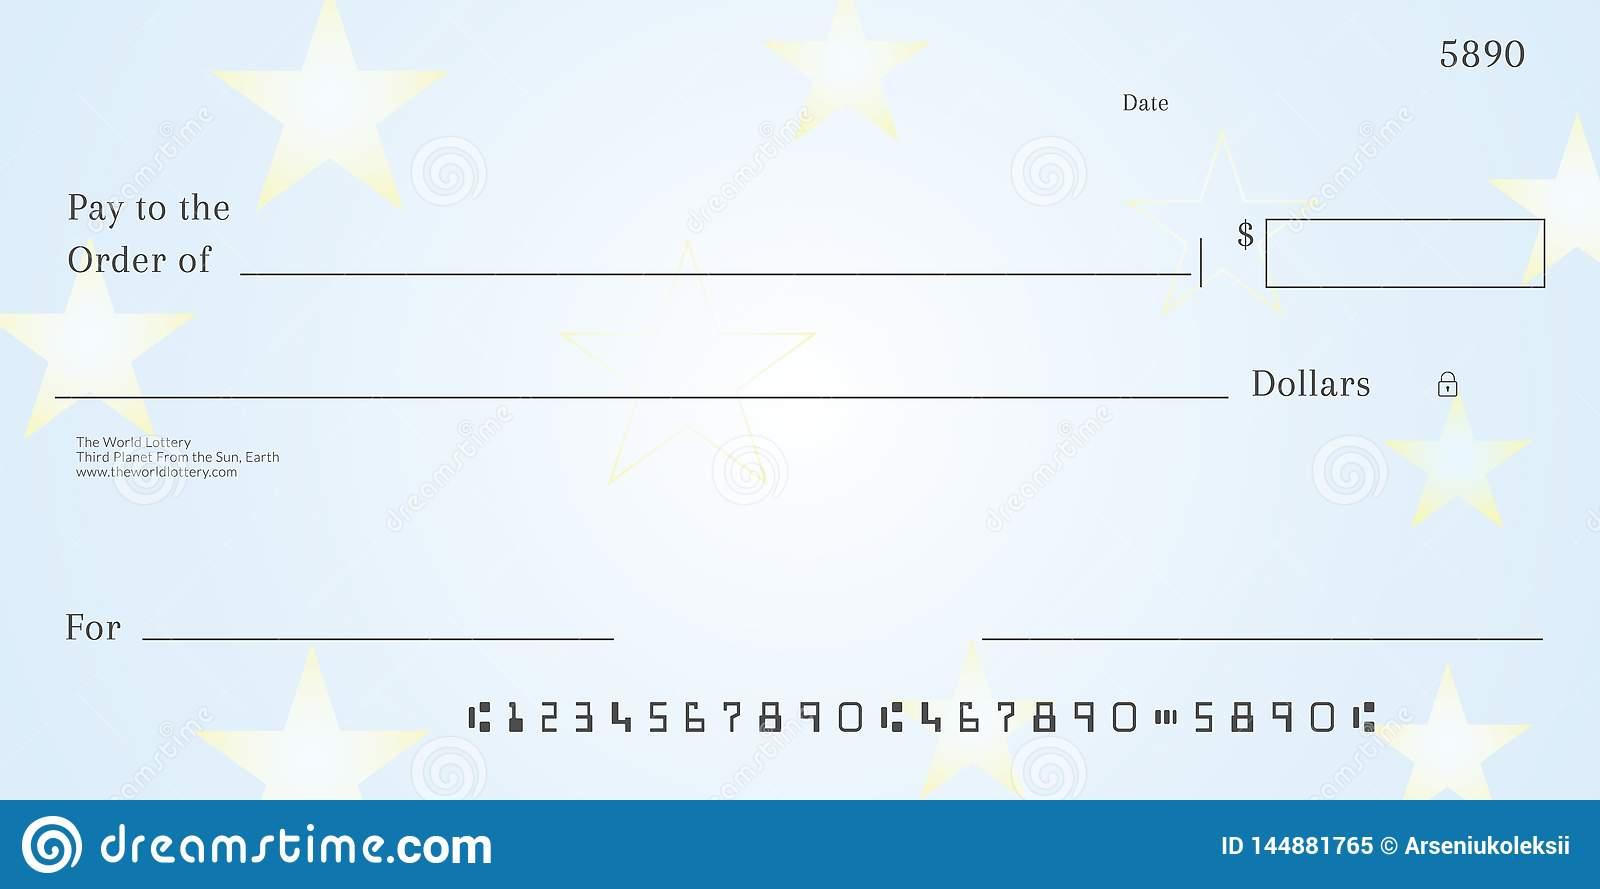 Проверить лотерейный билет онлайн в 1 клик